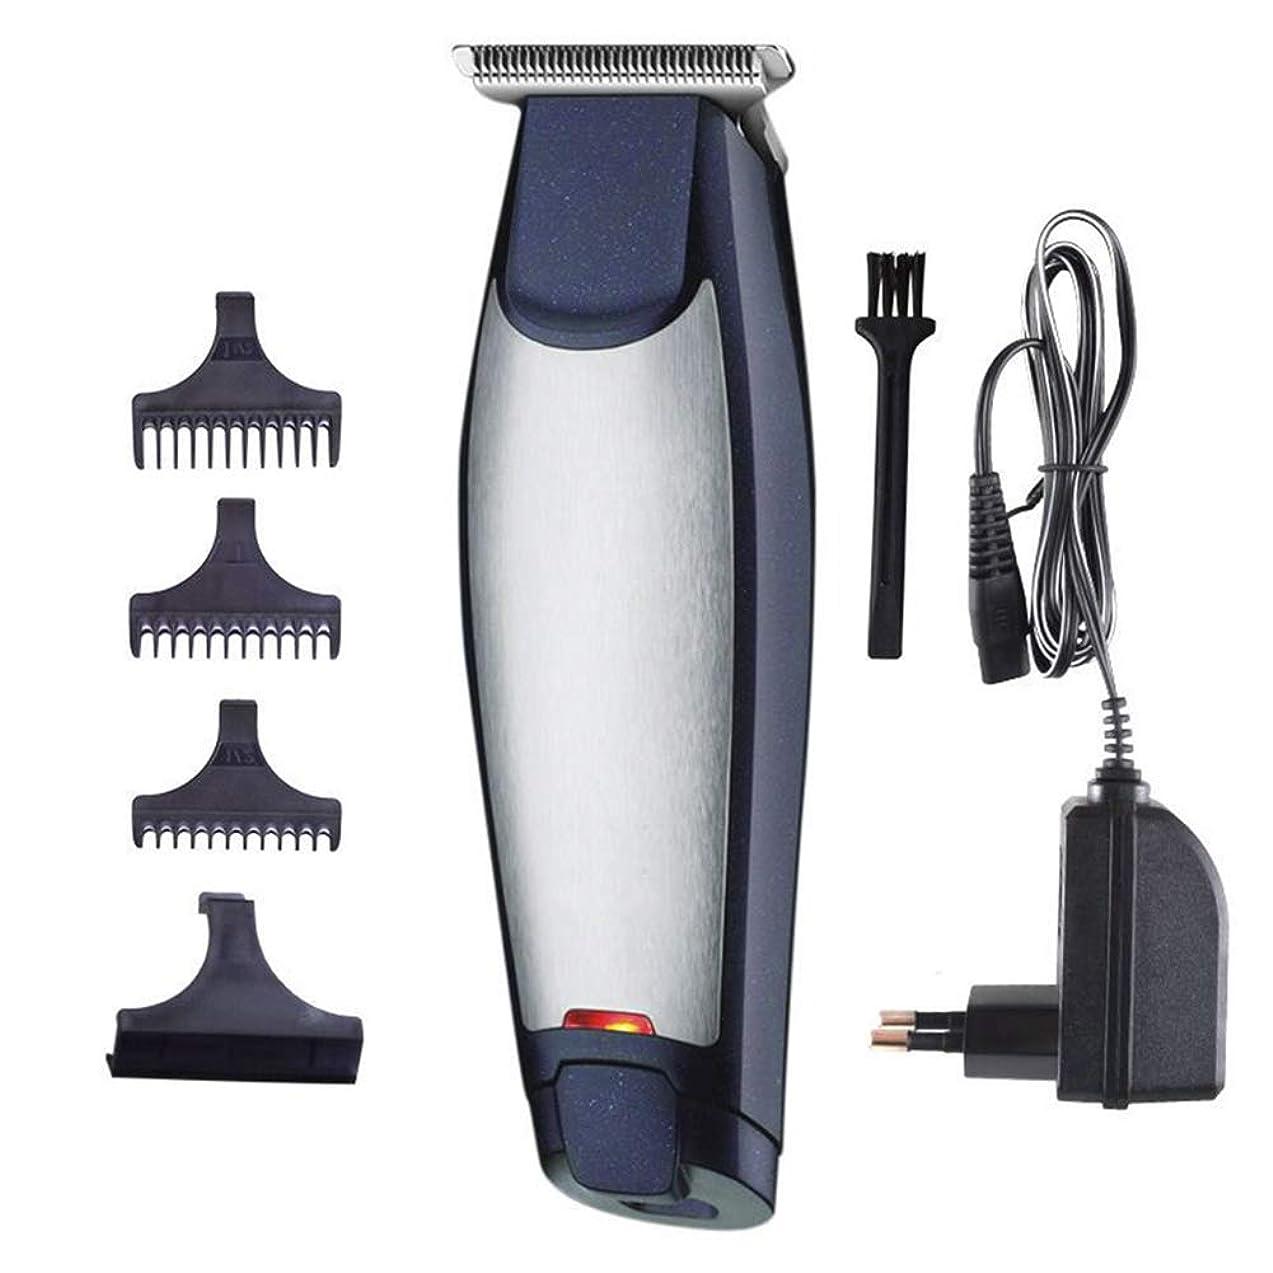 バイアス石電話に出るバリカンヘアひげトリマー充電式電気かみそり男性コードレスヘアカッティングマシン付き櫛理髪師マシン散髪キット